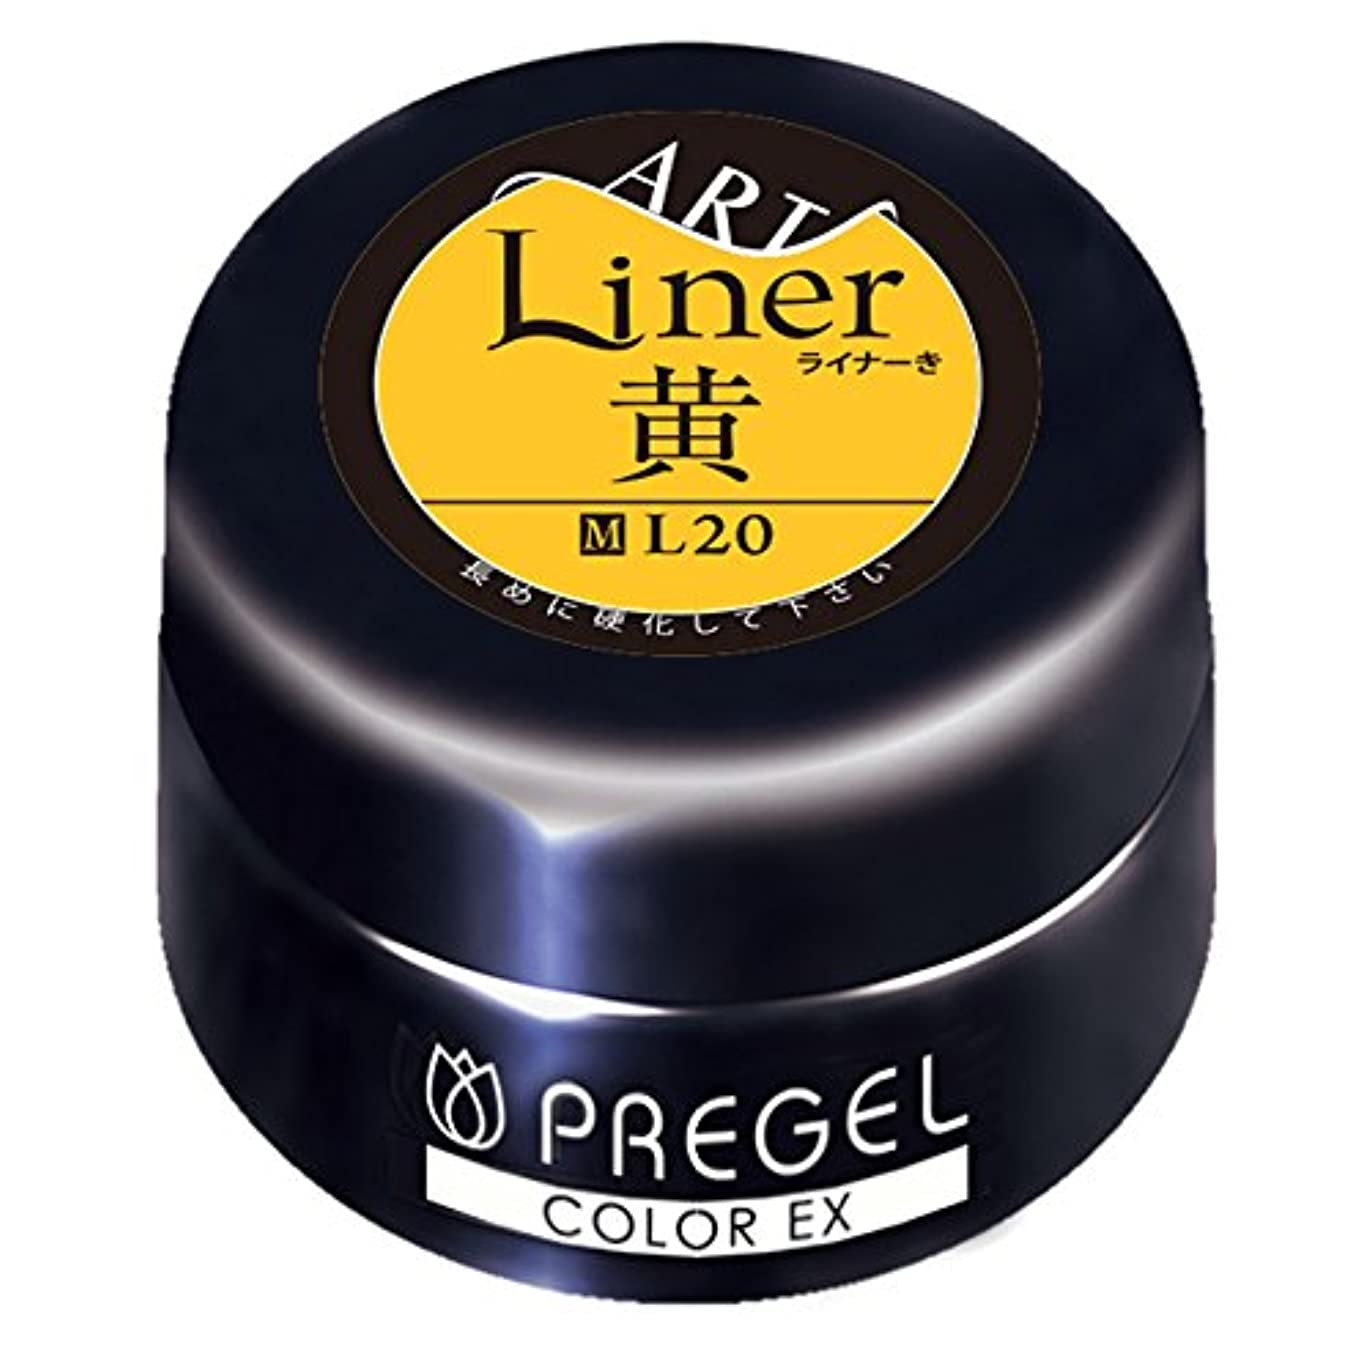 半ば各里親PRE GEL カラーEX ライナー黄 3g PG-CEL20 UV/LED対応